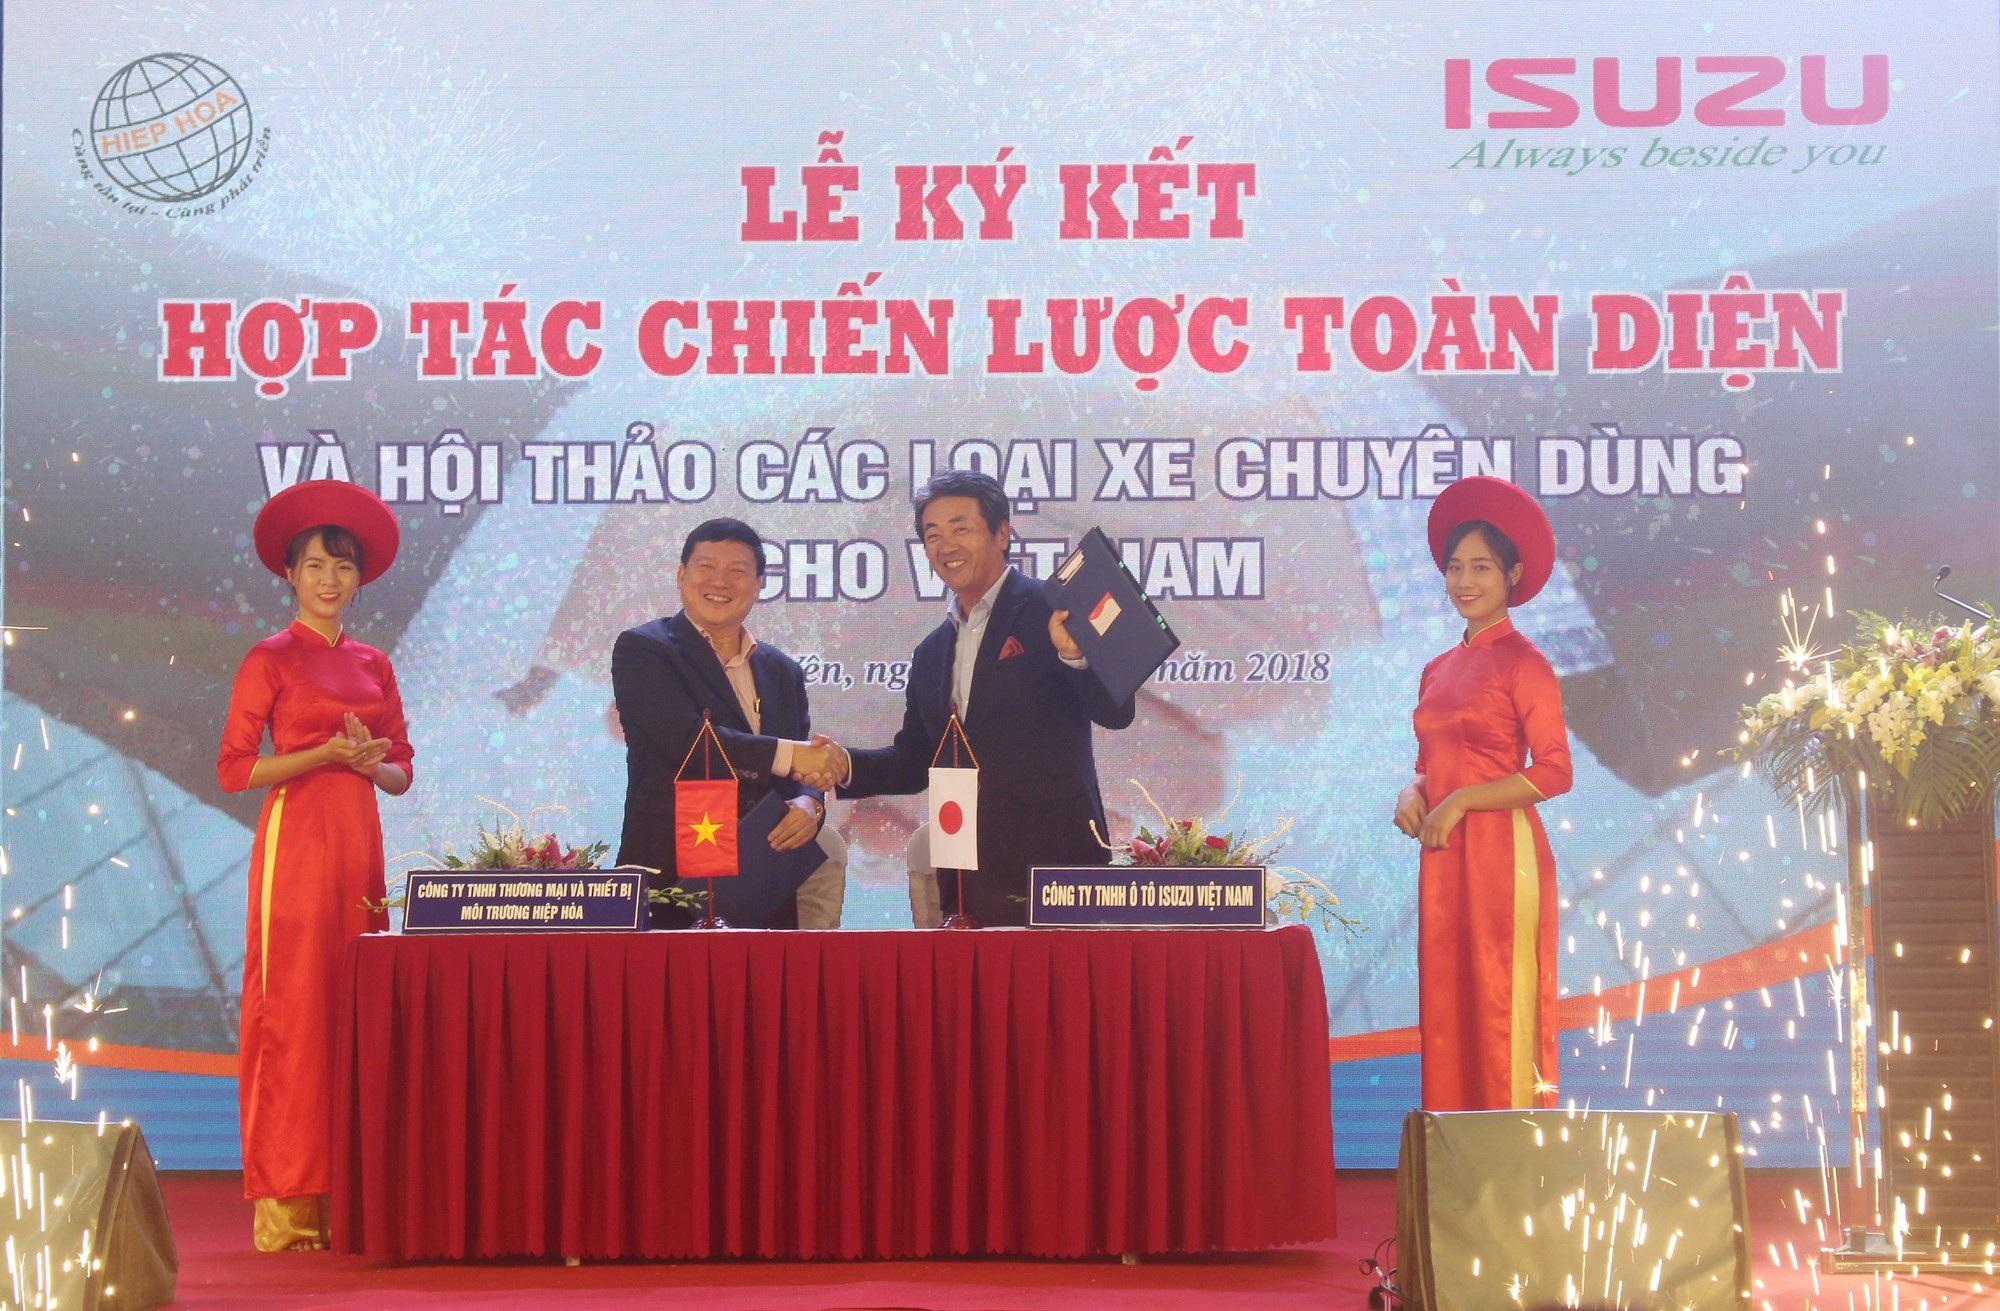 Công ty TNHH Ô tô Isuzu Việt Nam ký kết hợp tác chiến lược với Công ty TNHH Thương mại & Thiết bị Môi trường Hiệp Hòa vào sáng 31/7 vừa qua. (Ảnh: Hồng Vân)